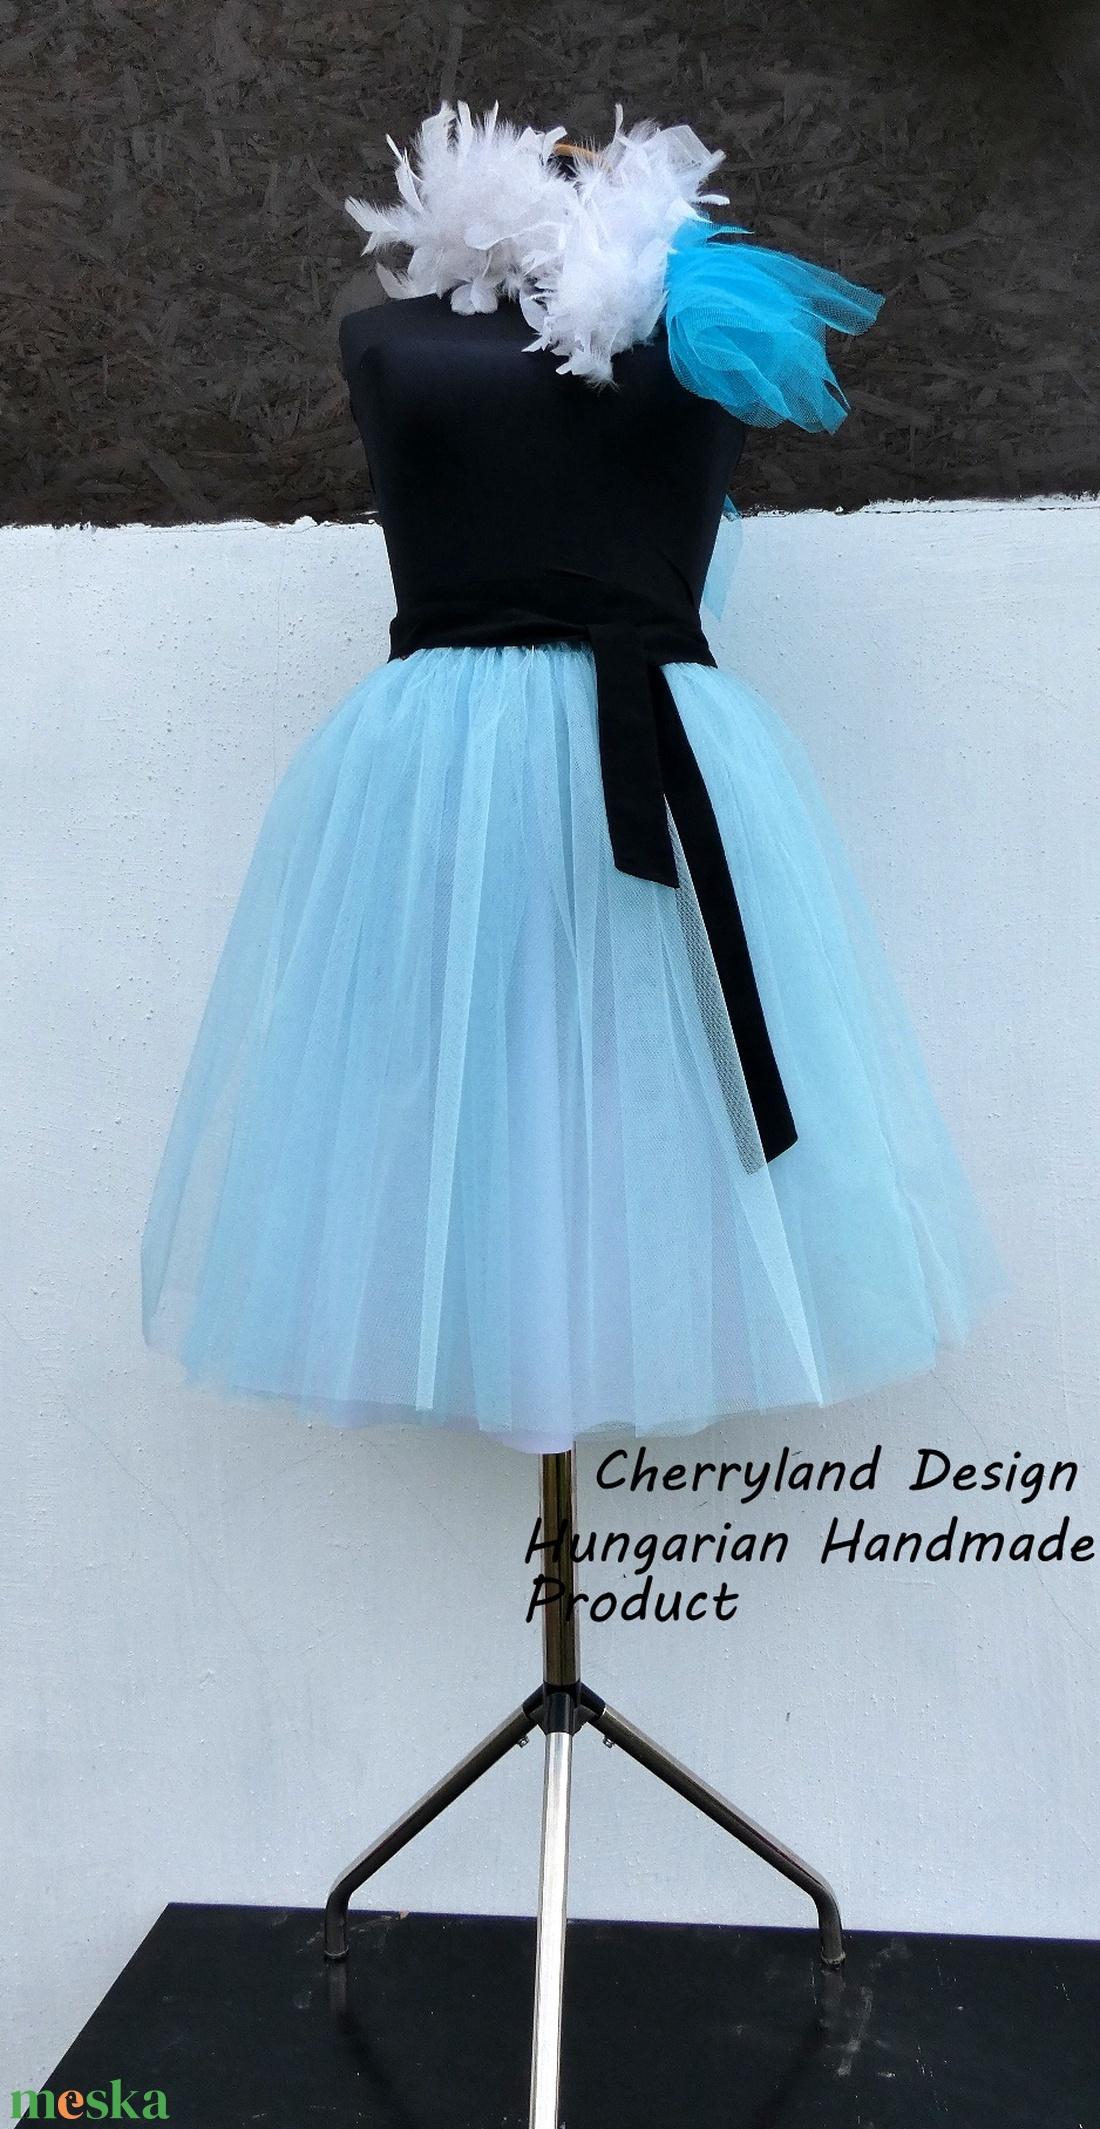 Cherryland Design BabaKék Tüll Szoknya/Blue Tulle Skirt - ruha & divat - női ruha - szoknya - Meska.hu